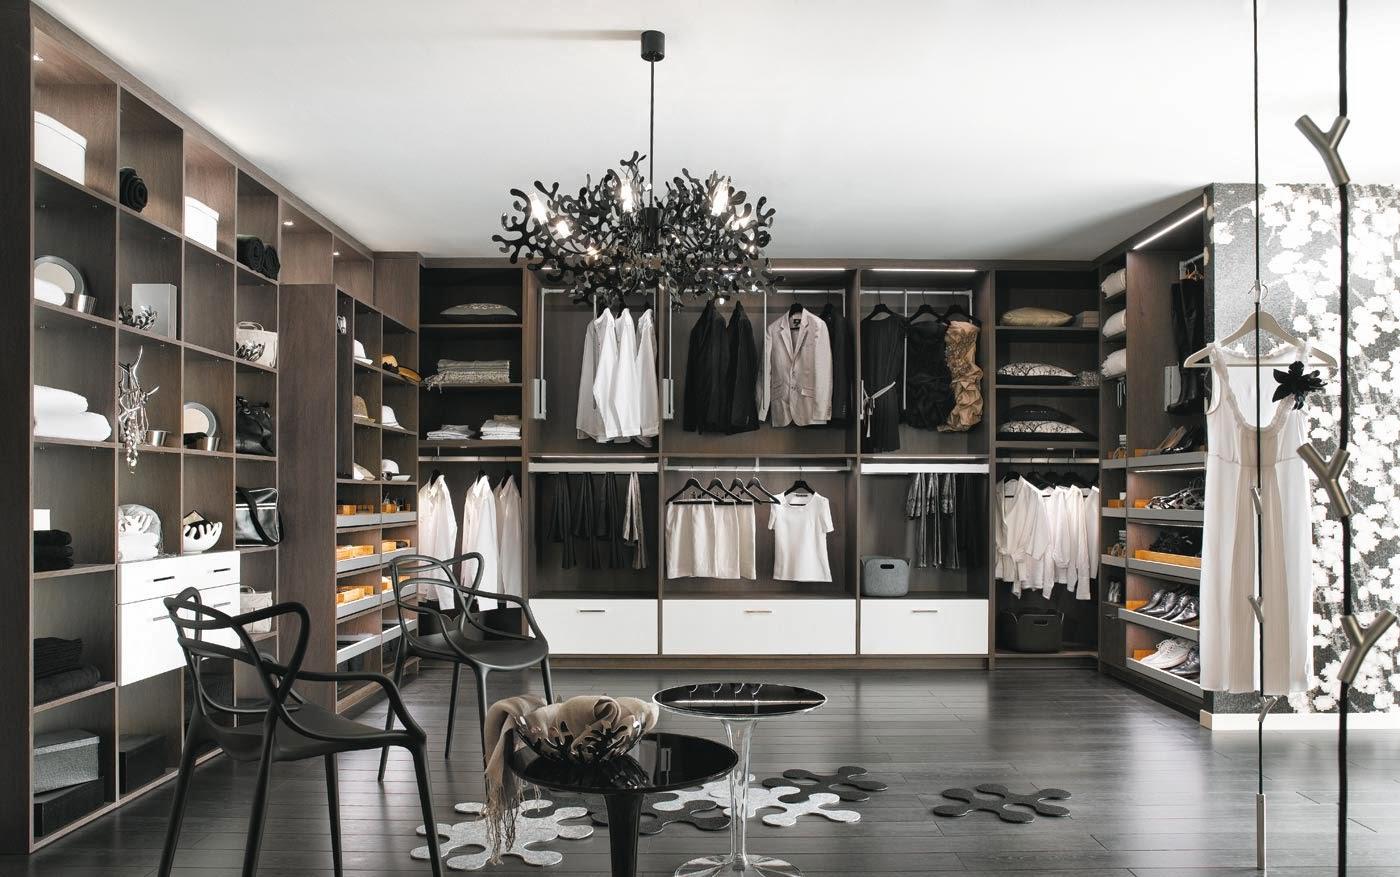 un dressing petits prix lady breizh les tribulations d 39 une bigoud ne blog lifestyle. Black Bedroom Furniture Sets. Home Design Ideas